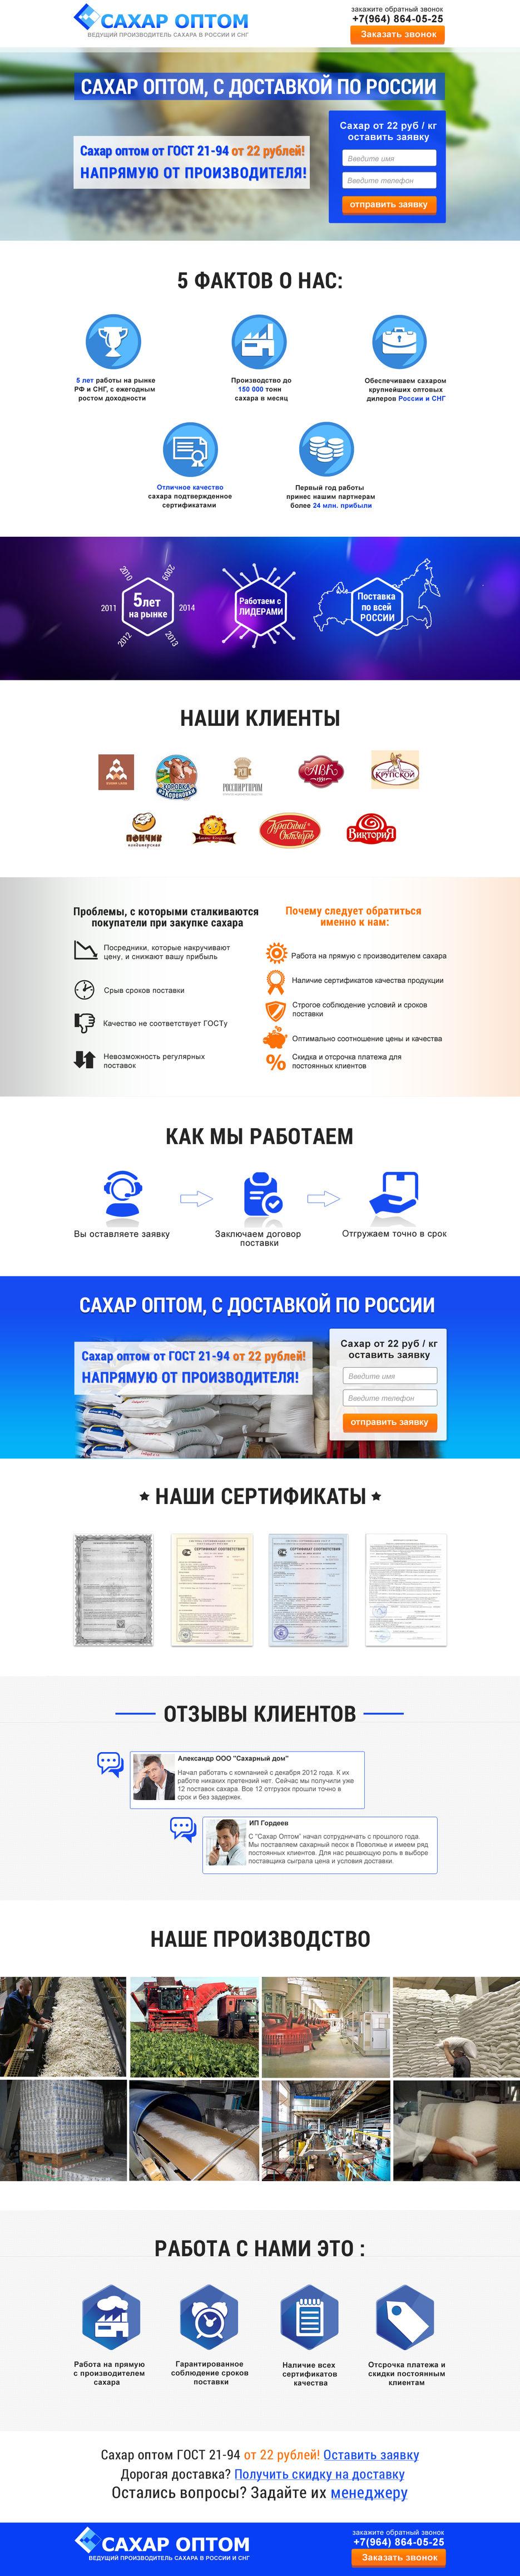 Реклама в интернете для оптовиков продам промокод google adwords